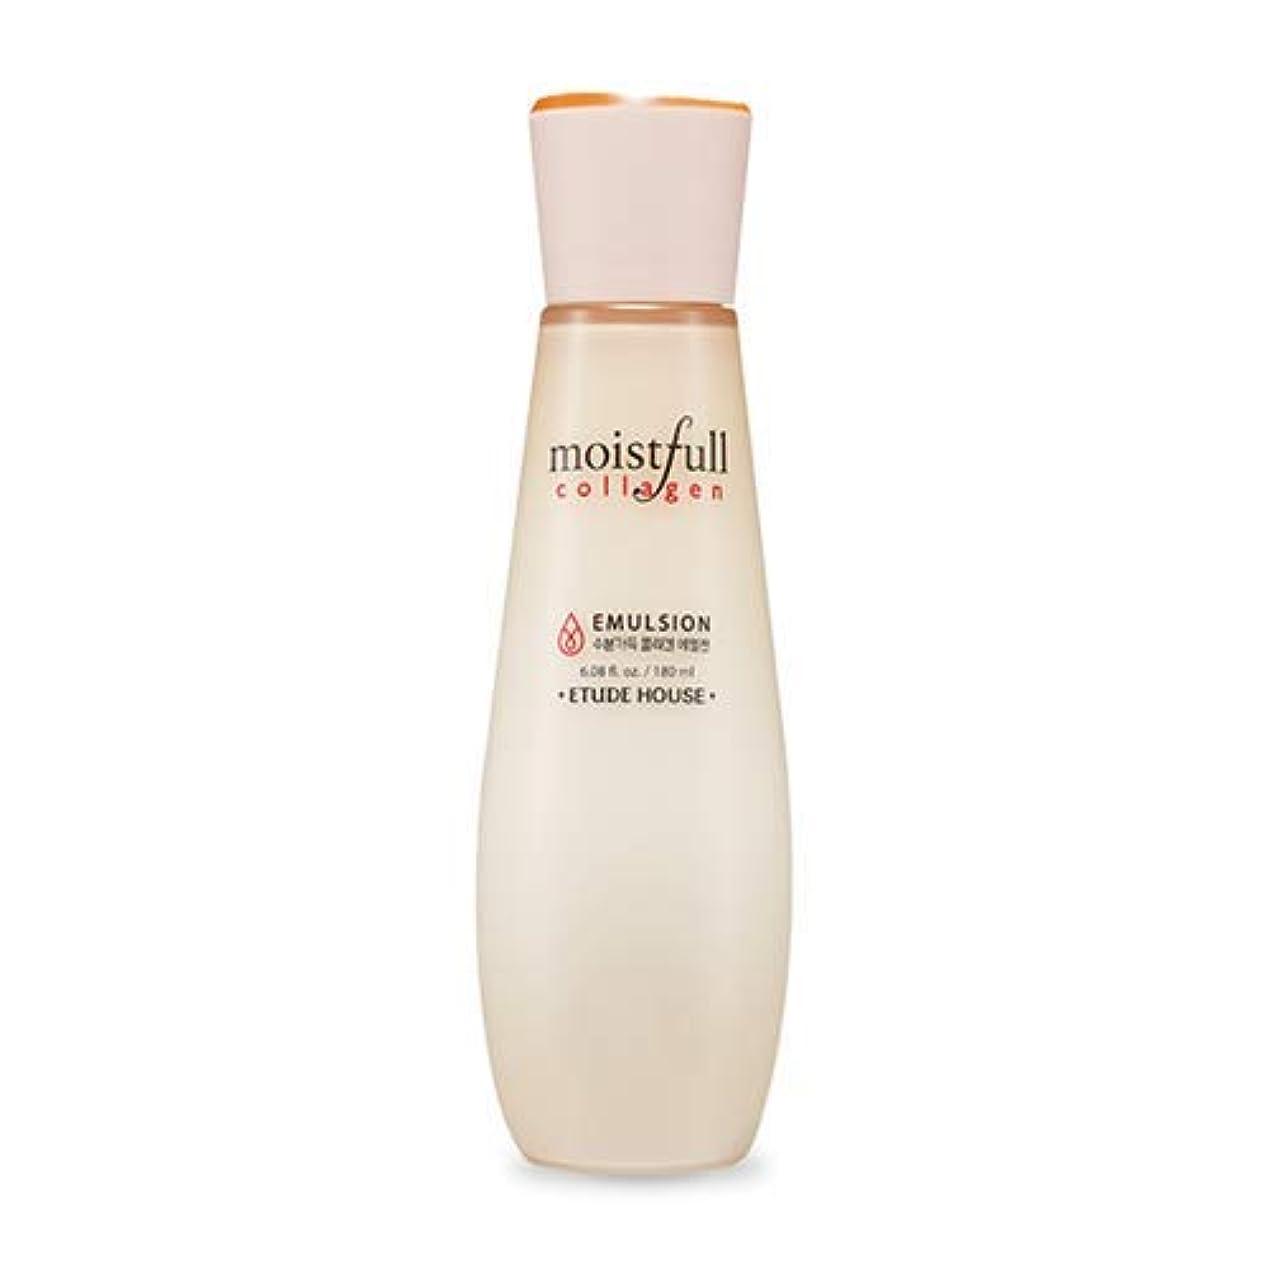 高潔な散るソーセージ[エチュードハウス] ETUDE HOUSE [モイストフルコラーゲン基礎化粧品 スキン/ローション ] (ETUDE HOUSE Moistfull Collagen Skin/Lotion) (02 Moistfull Collagen Emulsion ) [並行輸入品]